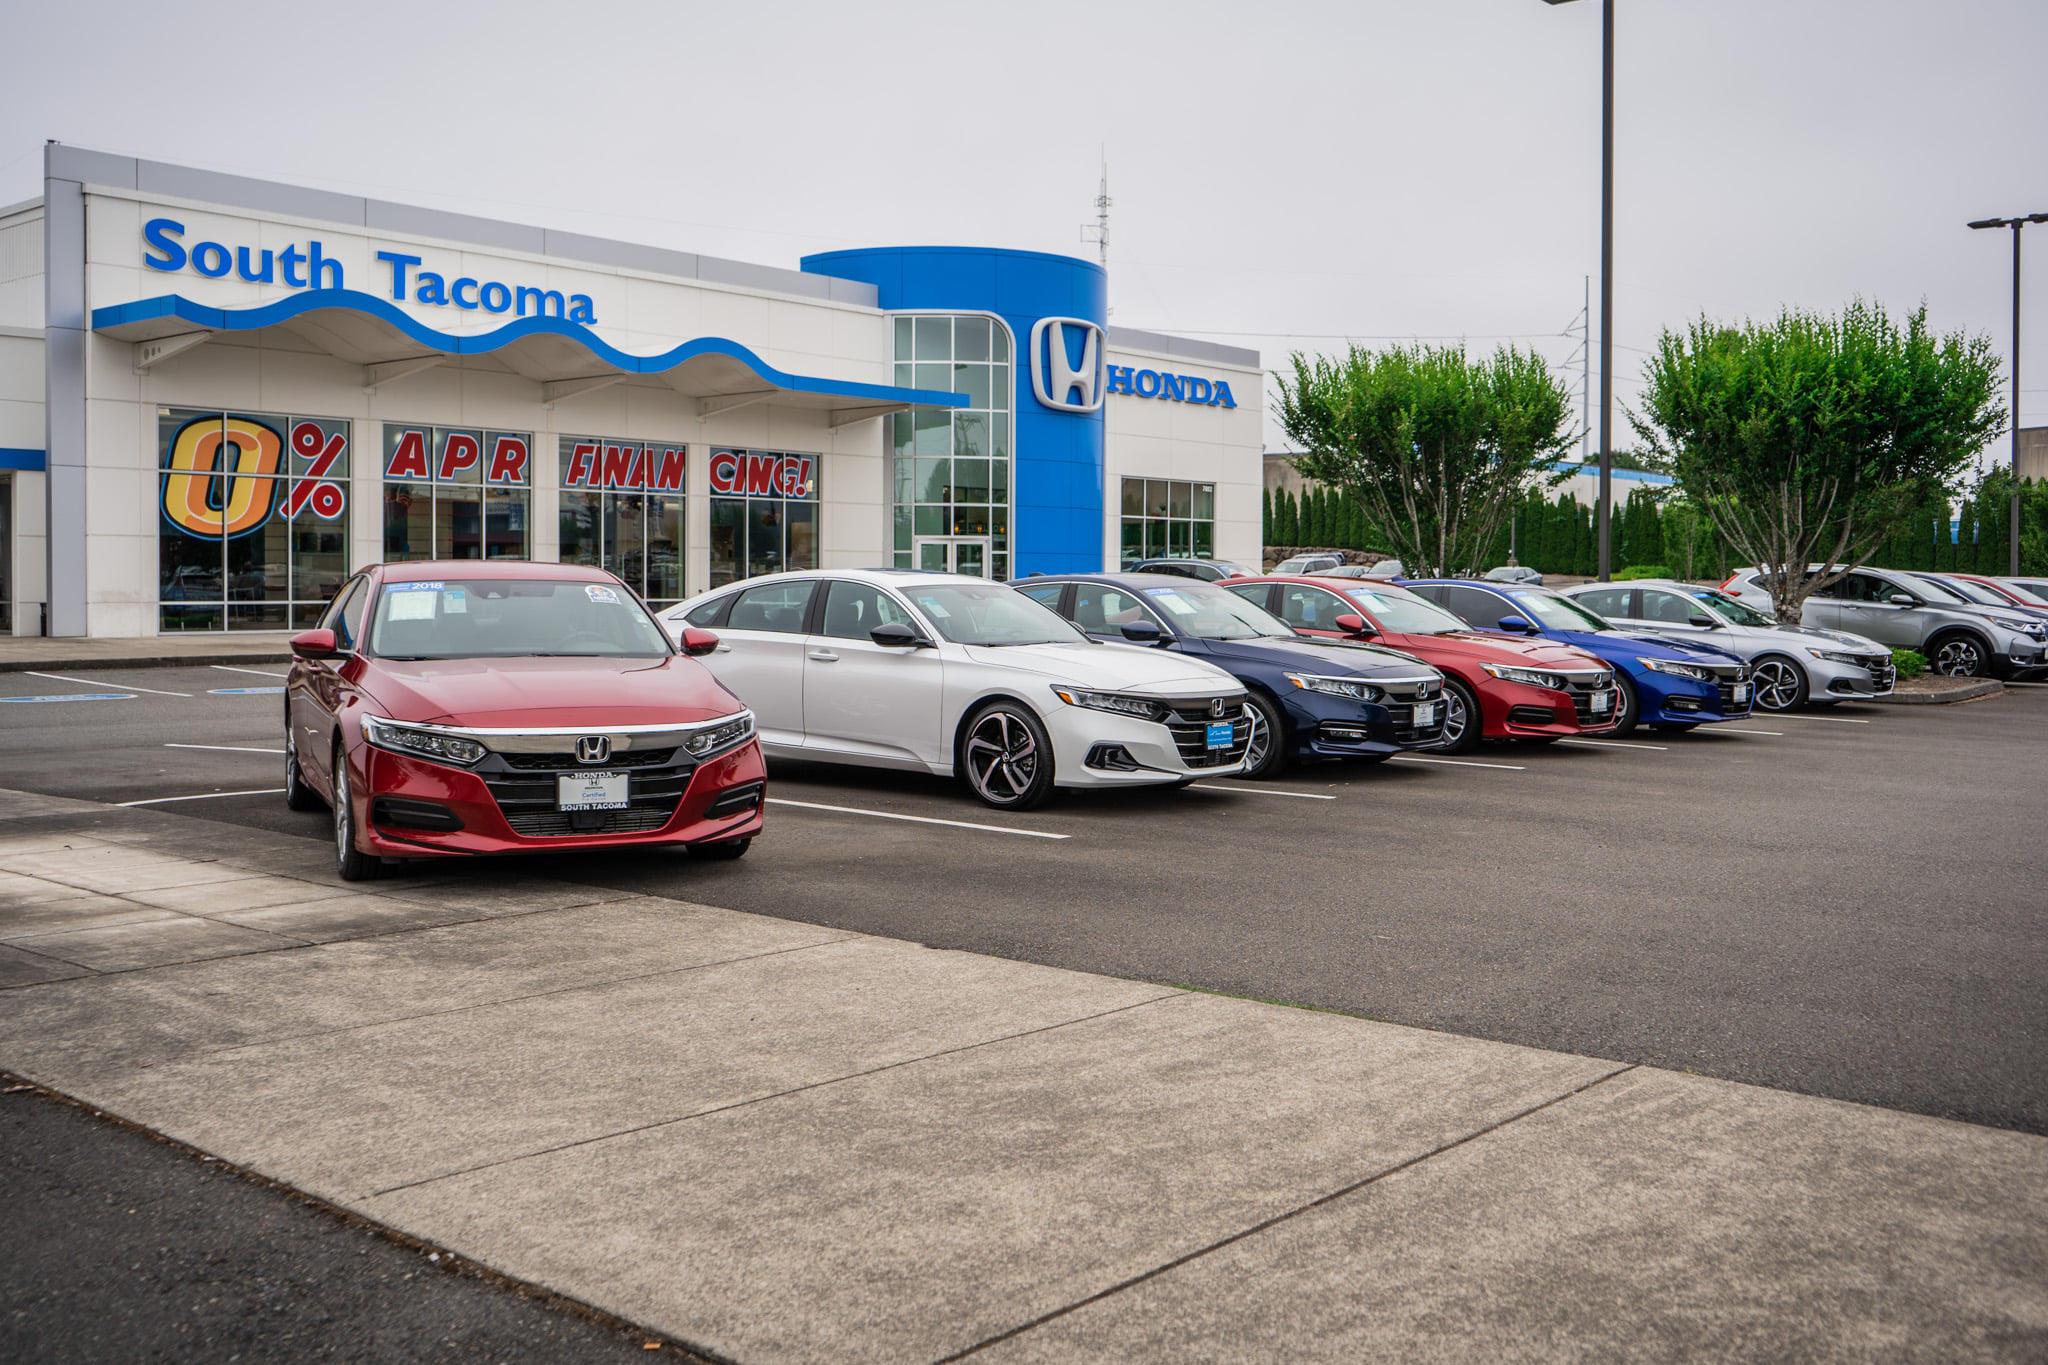 South Tacoma Honda